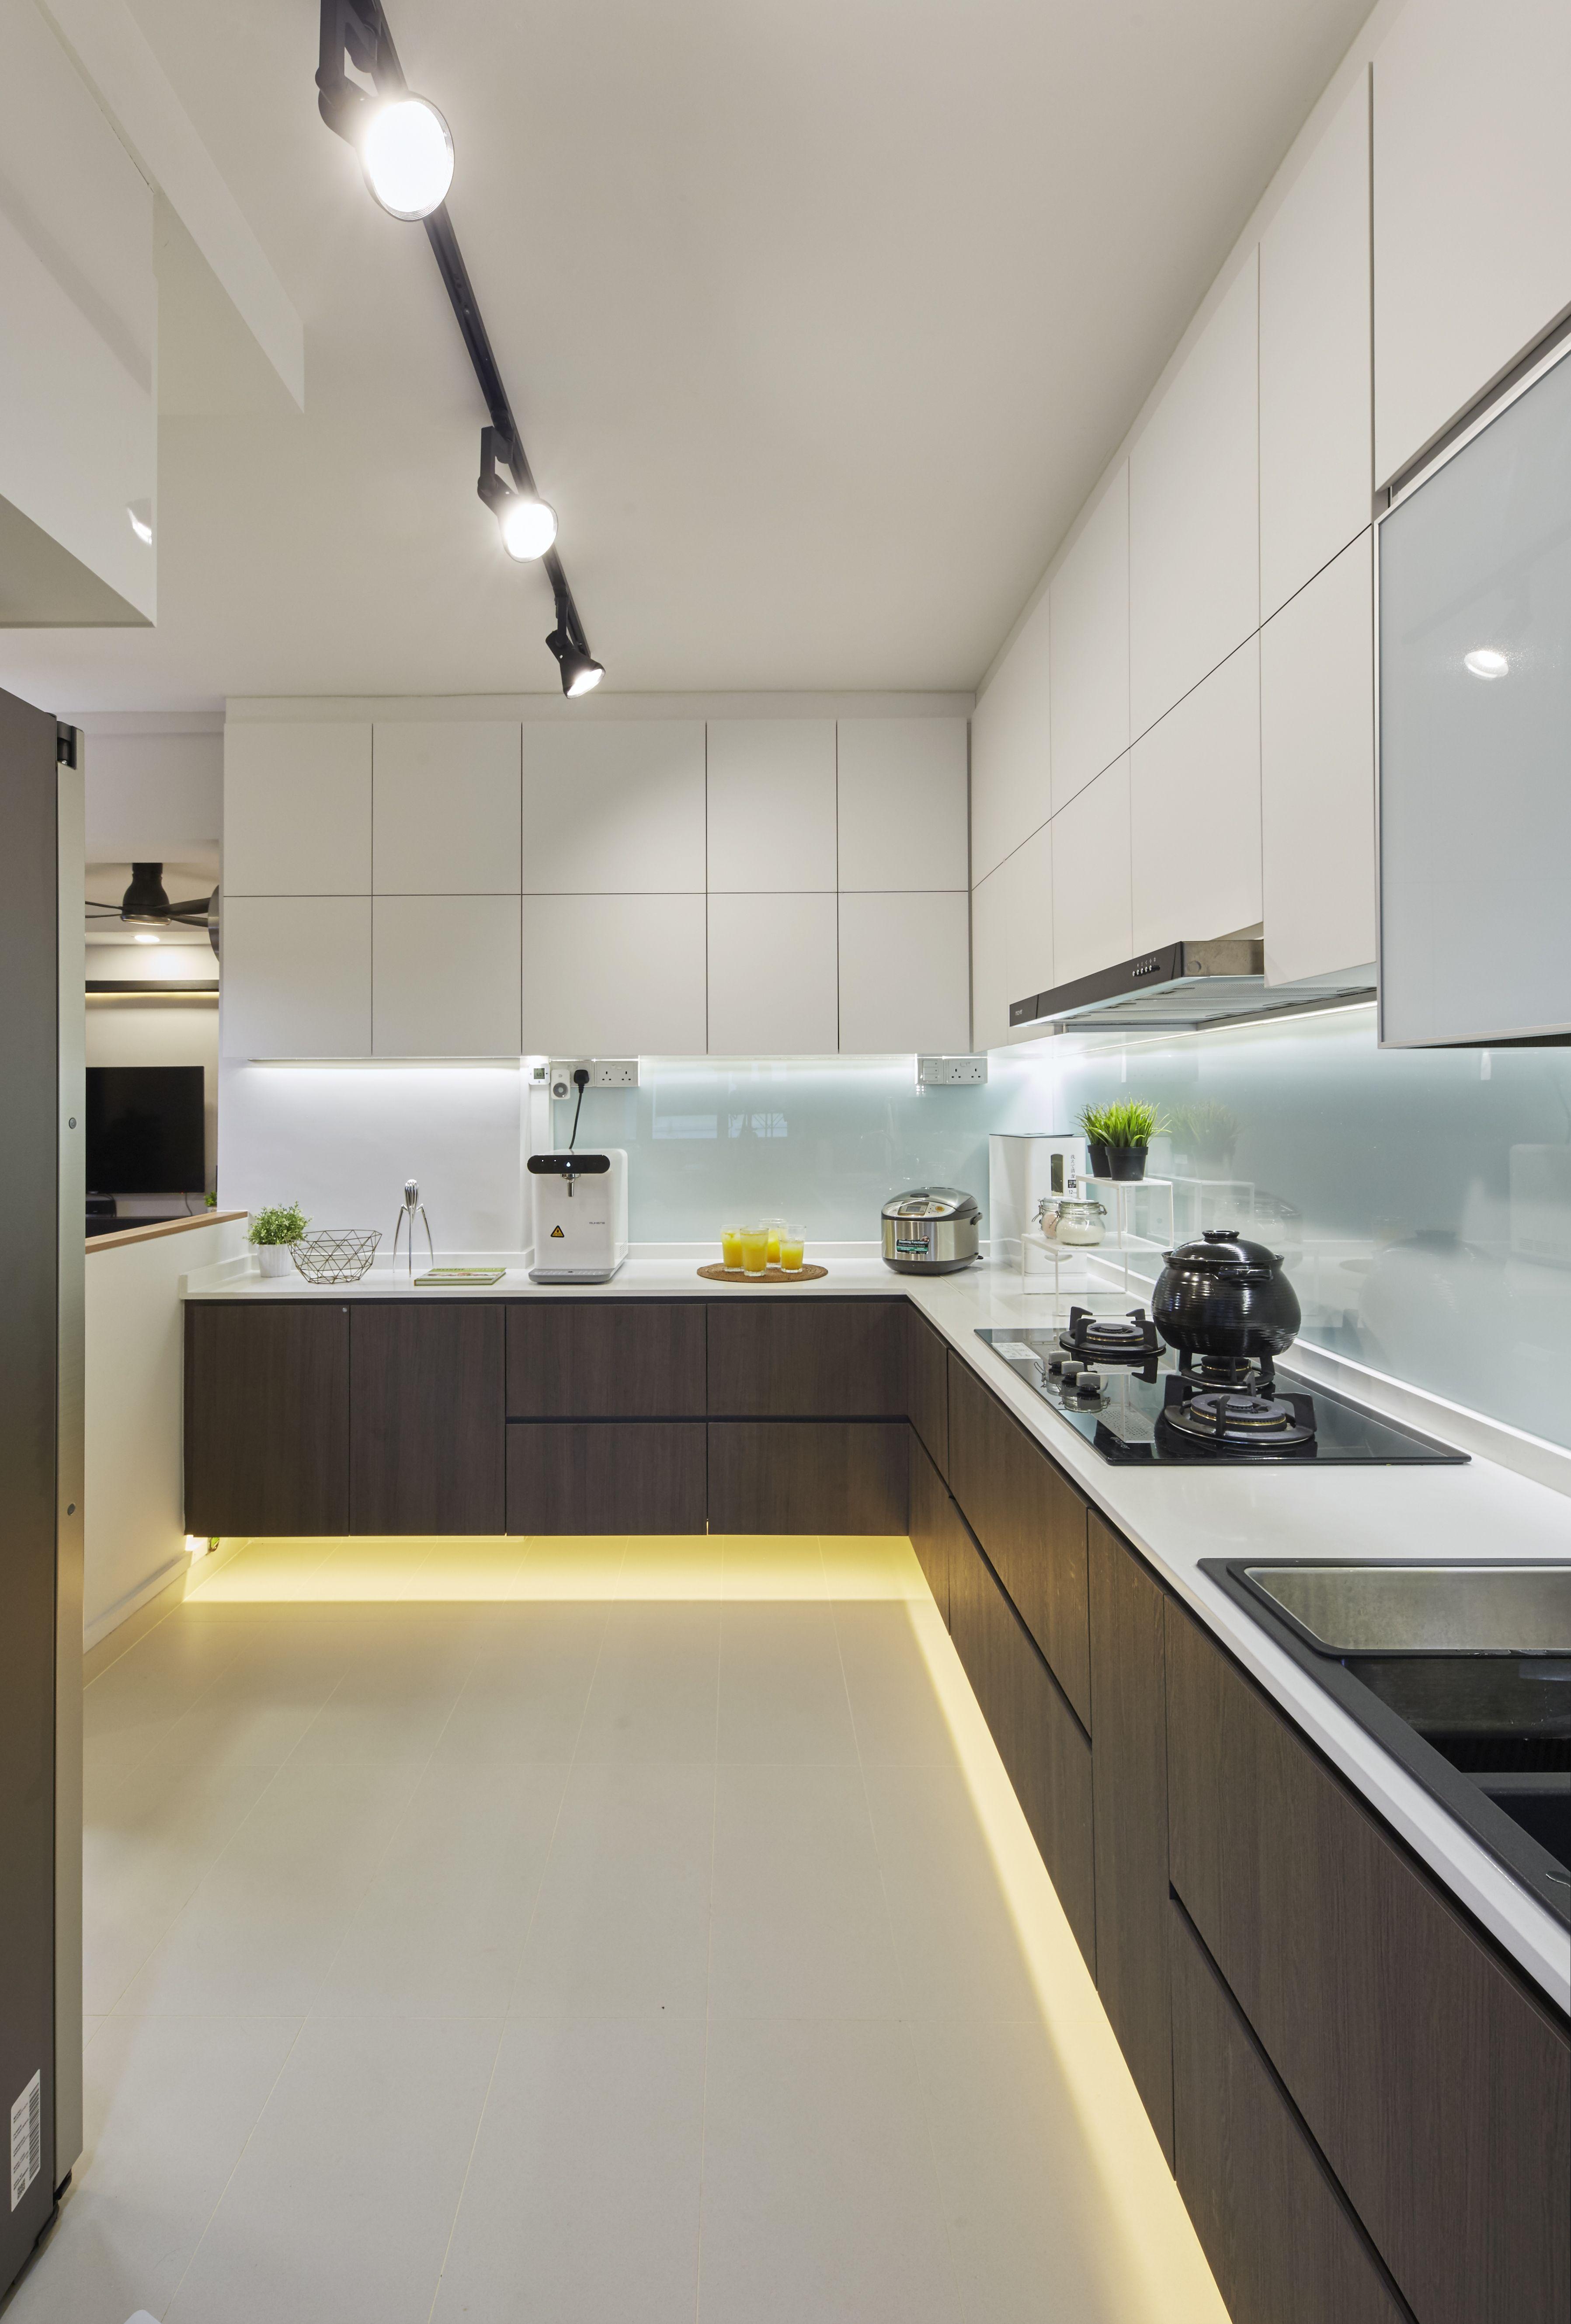 Carpenters Interior Design Hdb Scandinavian Design Resale Apartment Latest Kitchen Designs Kitchen Design Kitchen Cabinets